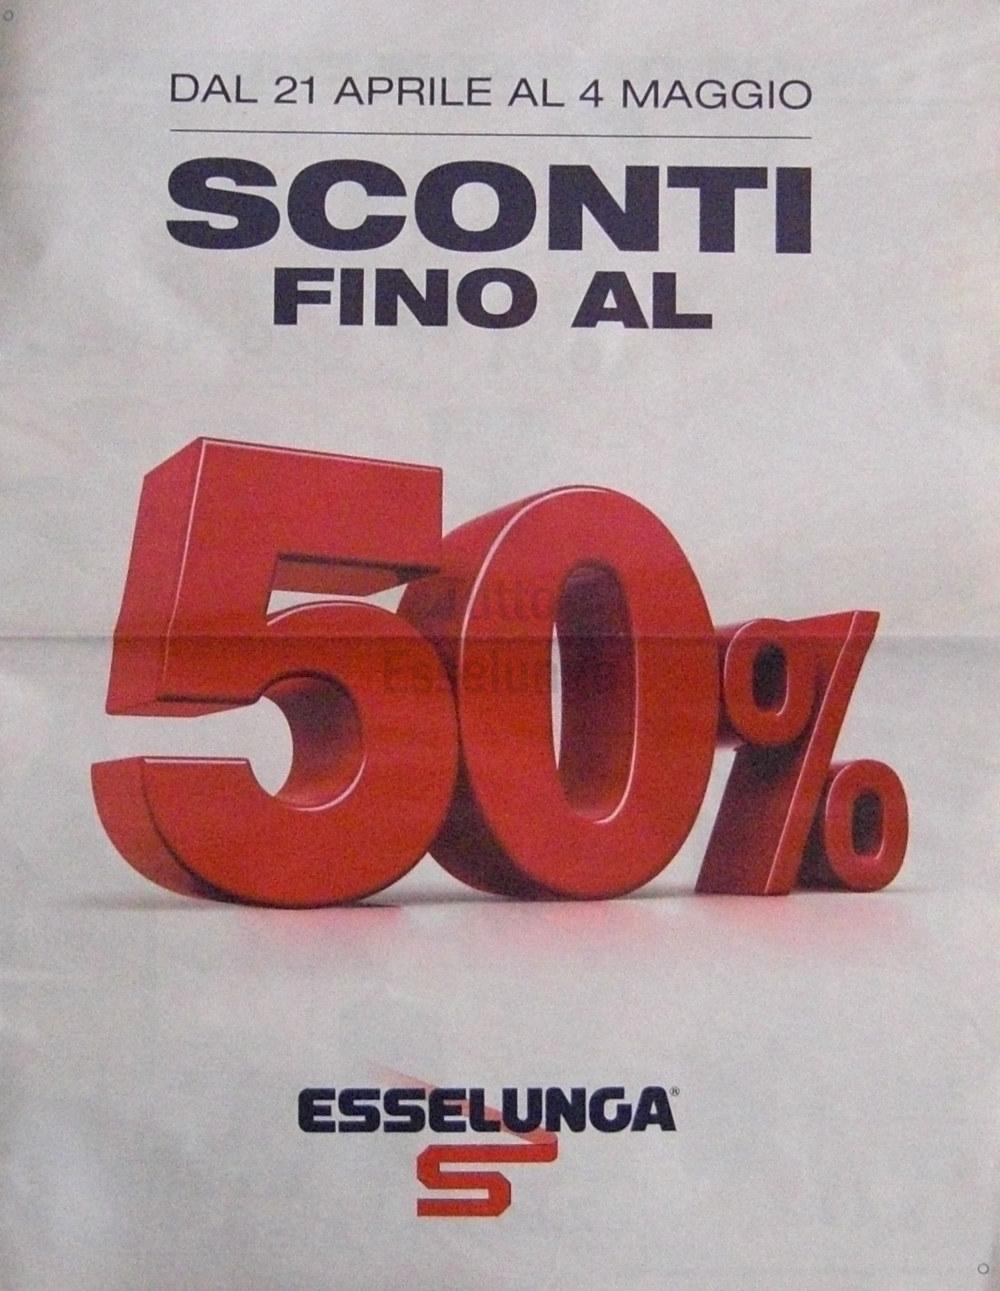 Volantino Esselunga del 21 Aprile 2016 in anteprima ASSOLUTA!